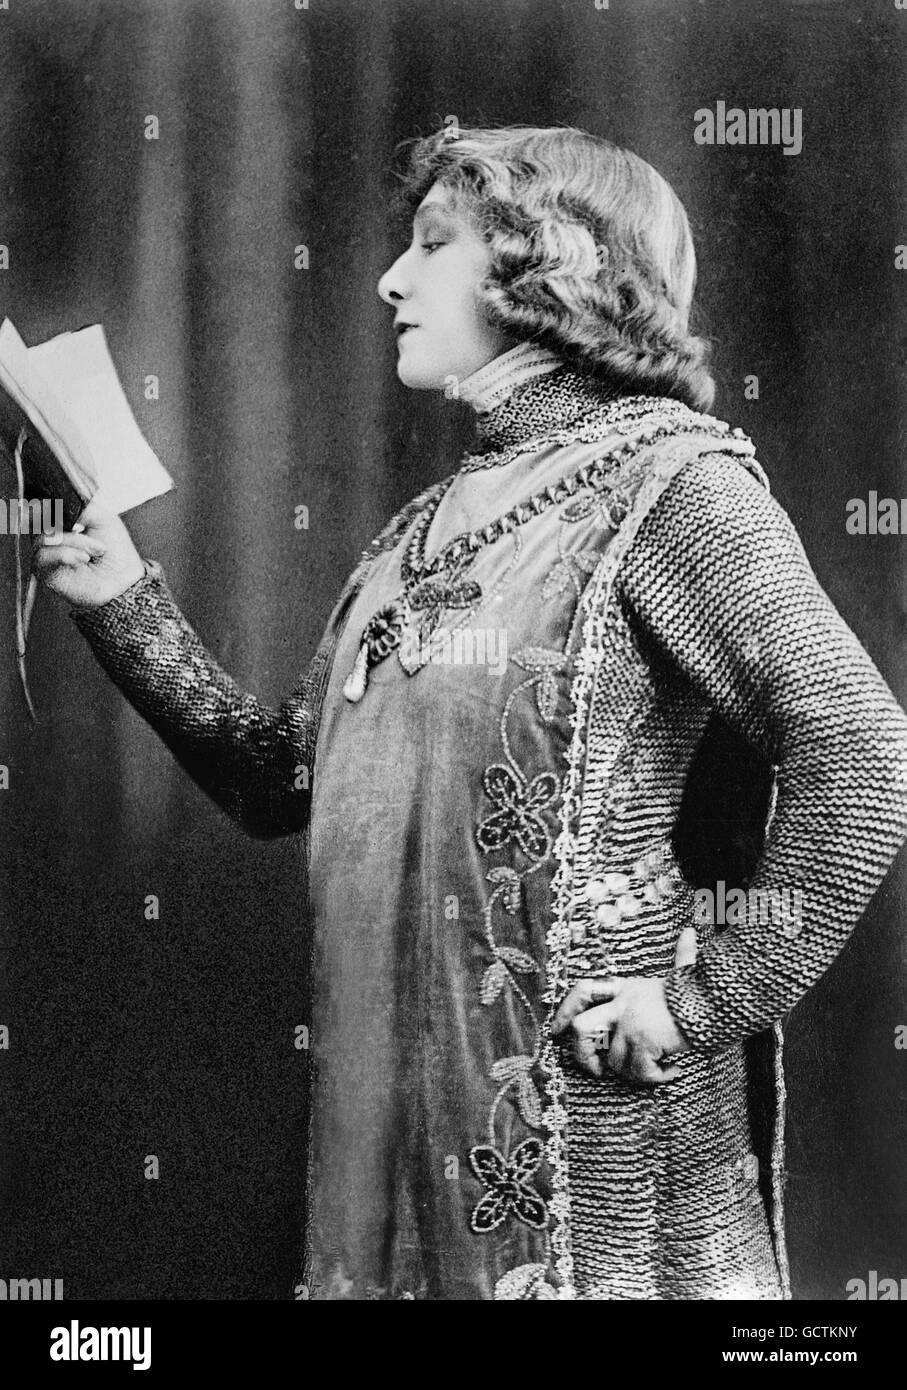 Sarah Bernhardt (1844-1923) als Johanna von Orléans (Jeanne d ' Arc). Foto von Bain News Service, c.1898. Stockbild